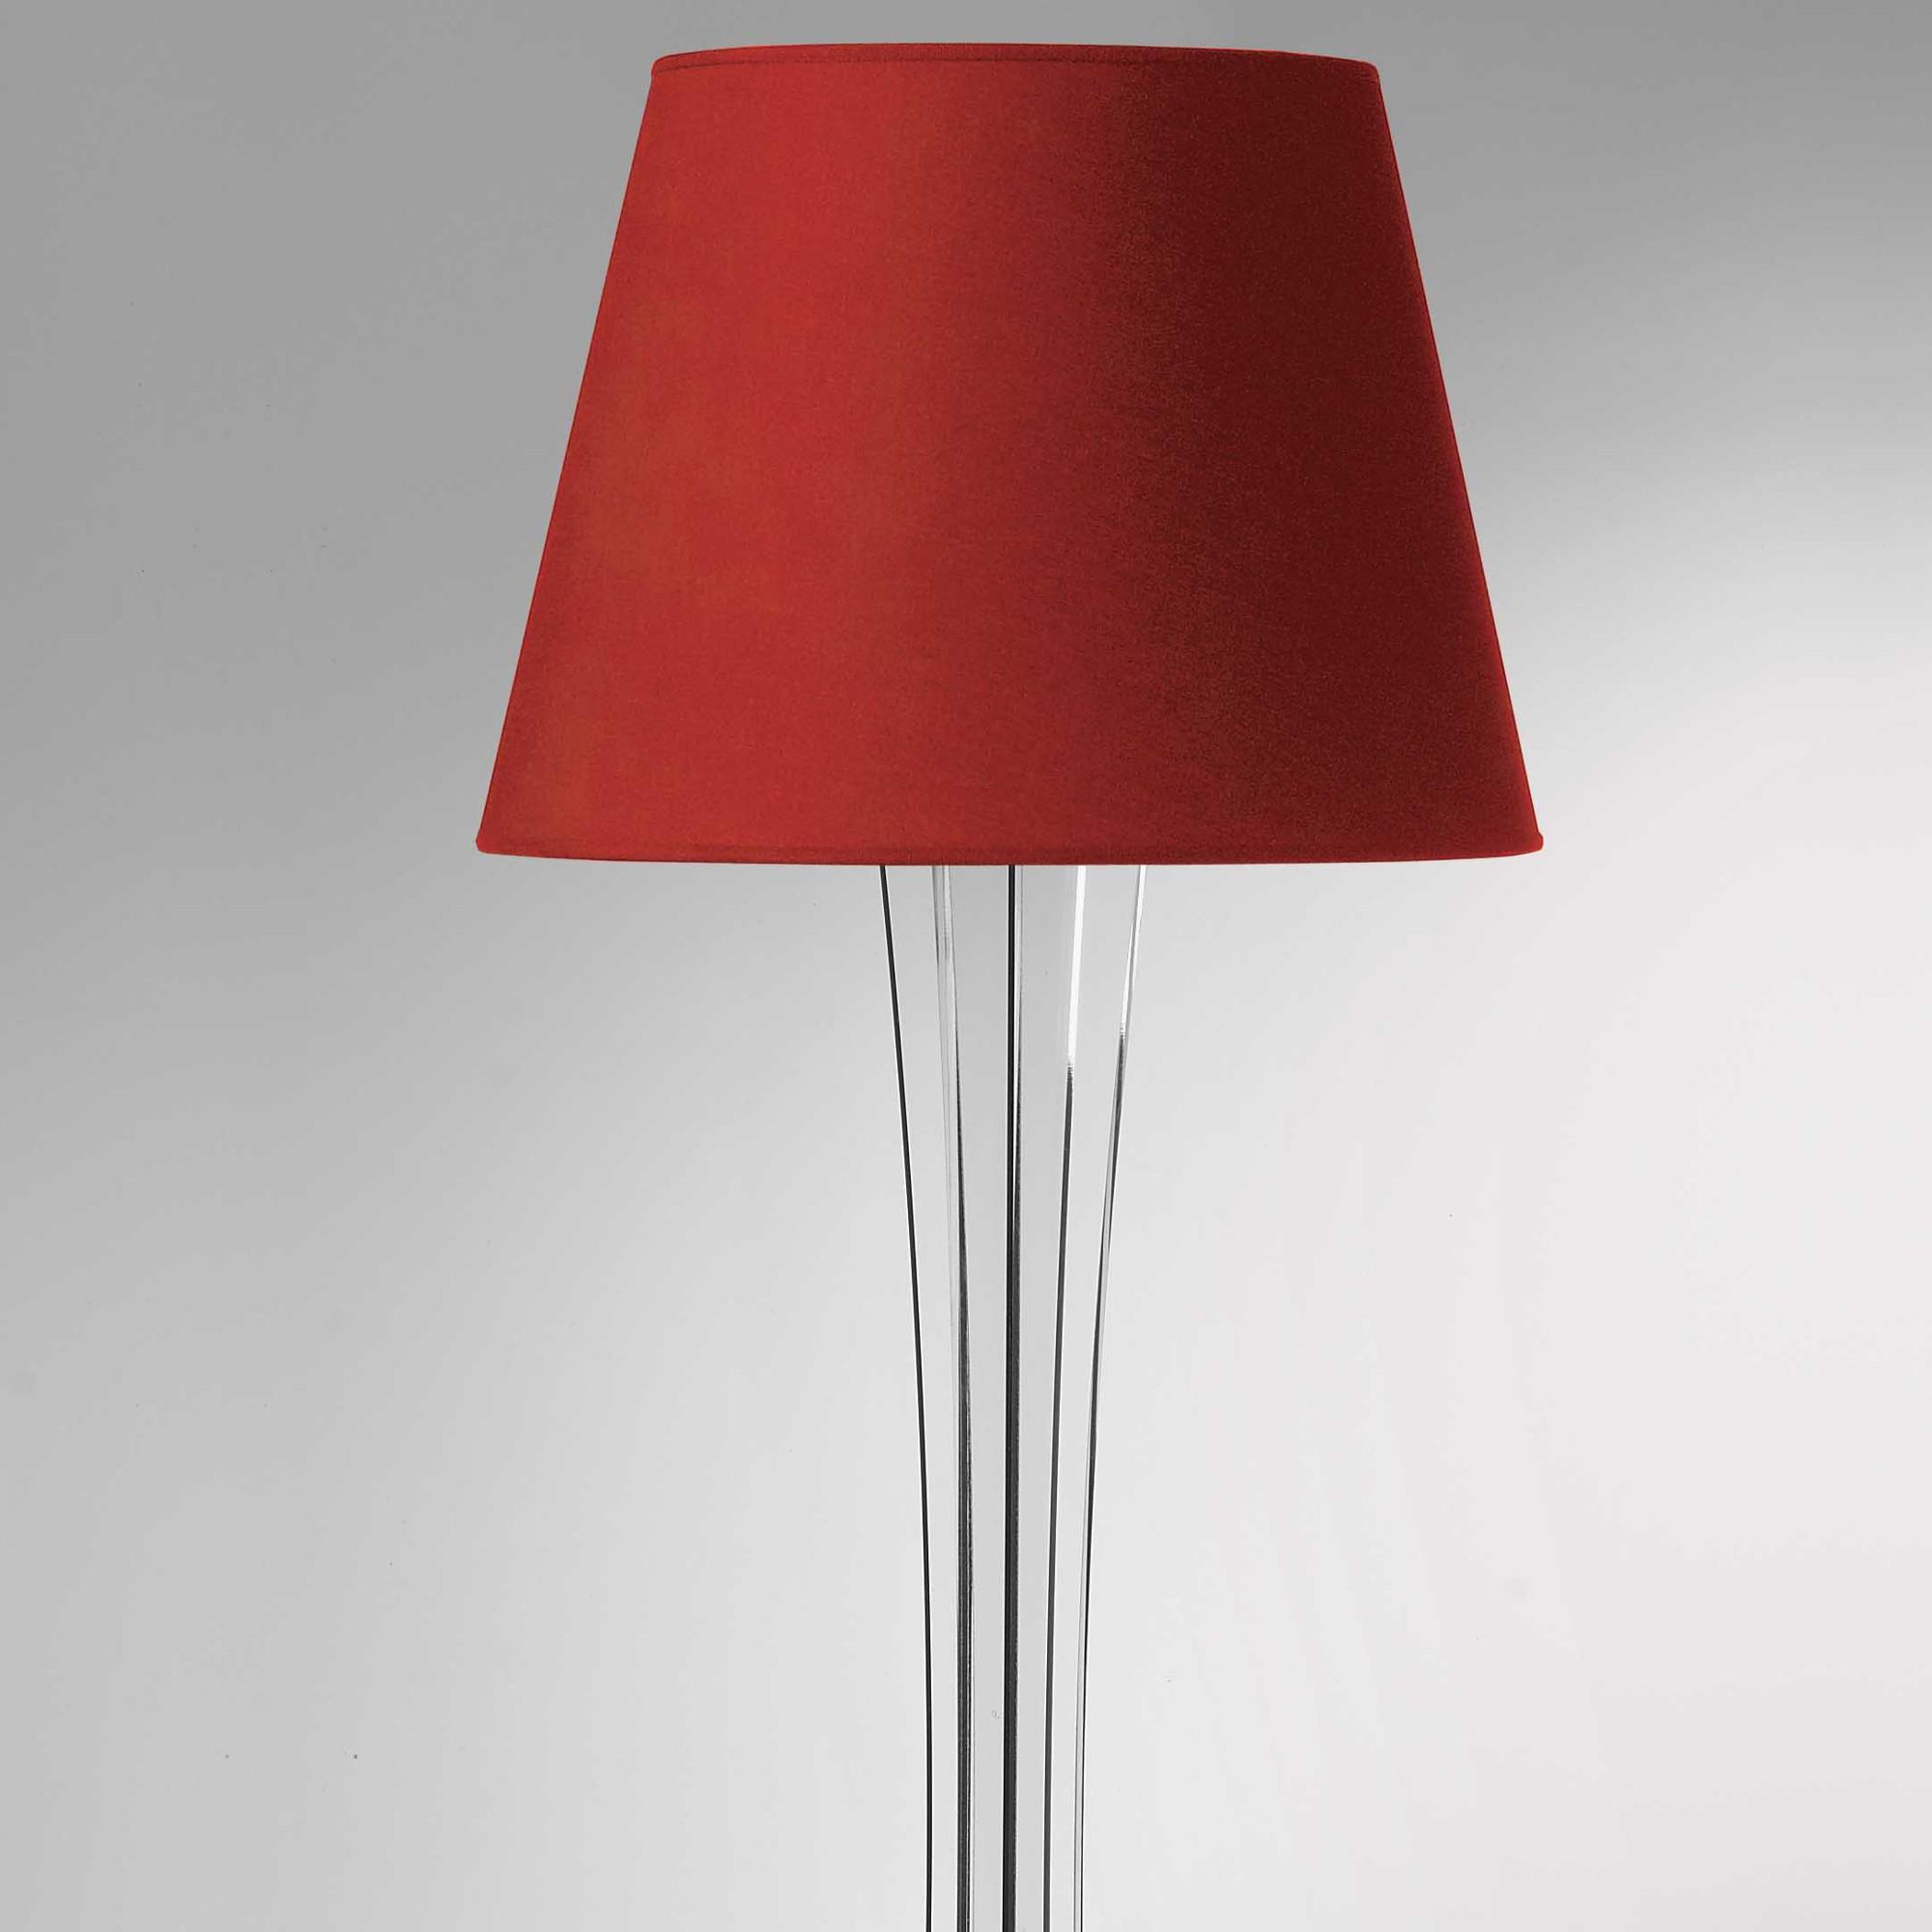 Lampada a Piantana SKY supporto in plexiglas paralume colore Rosso Ø40xh176 cm | Vesta